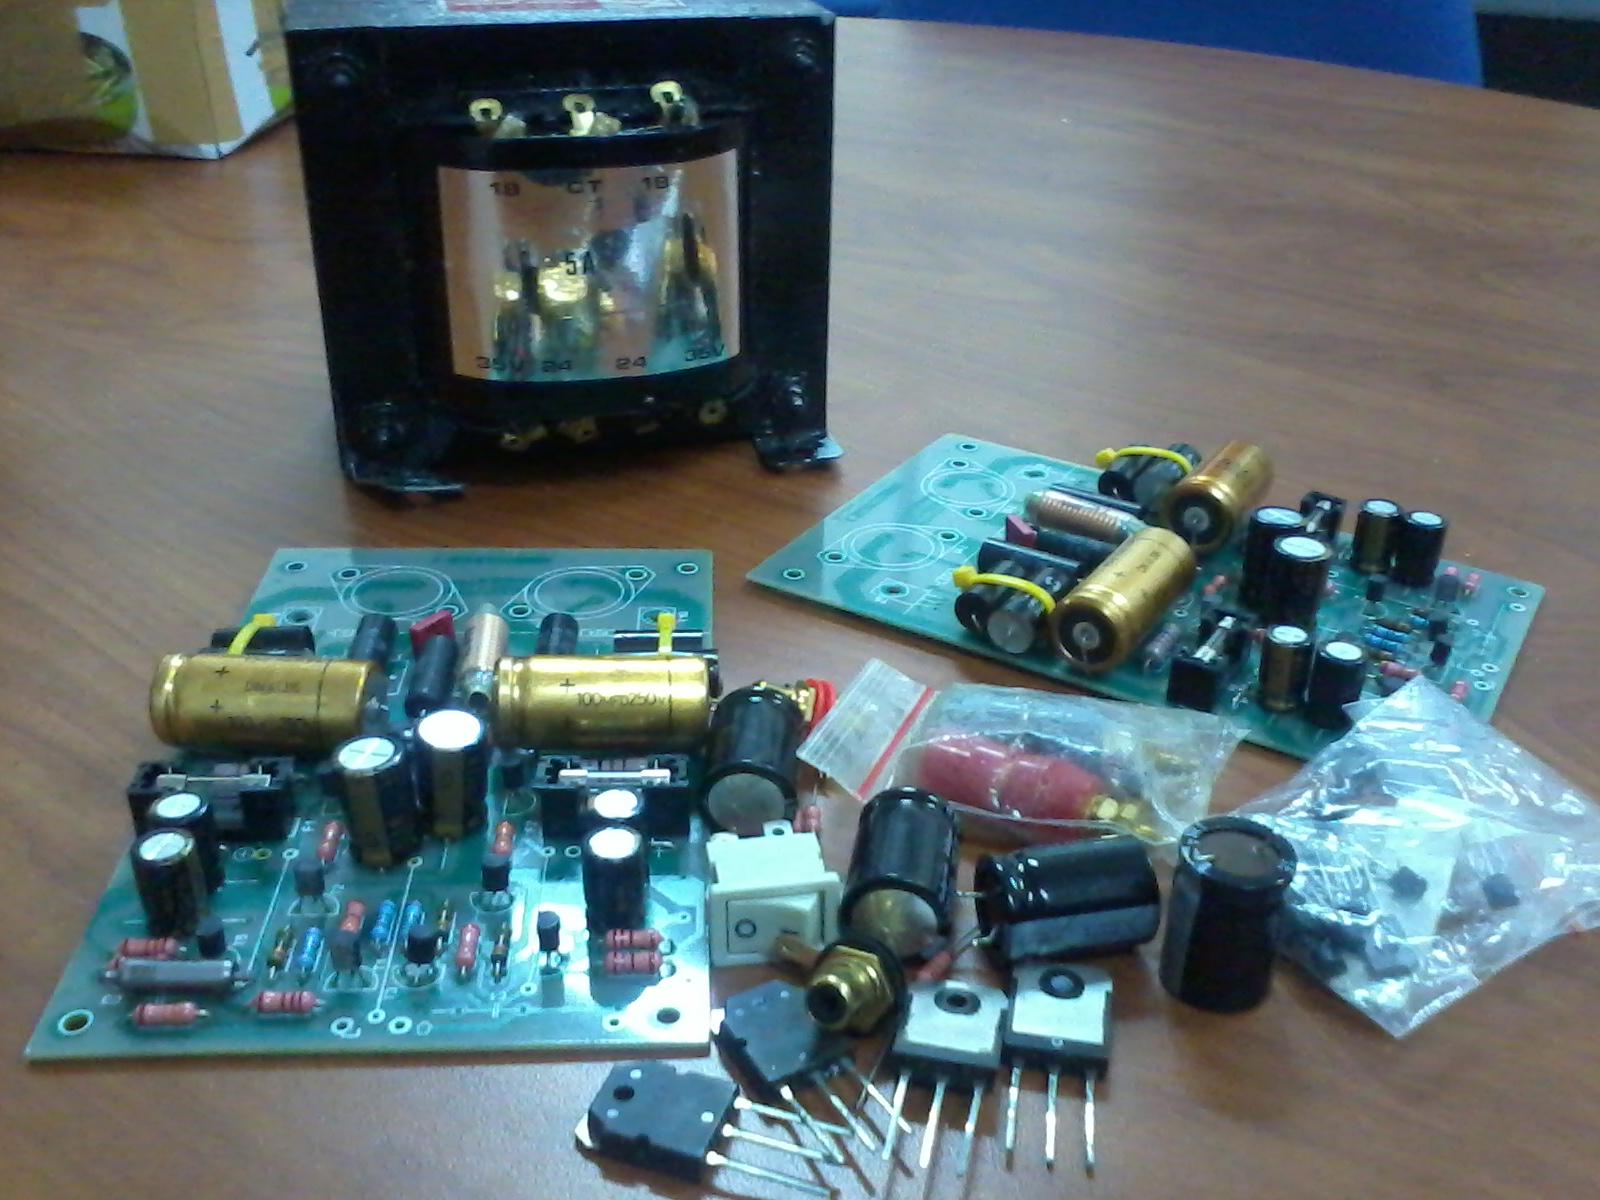 Sepasang Kit mini crescendo siap dirakit, cocok buat ngisi waktu